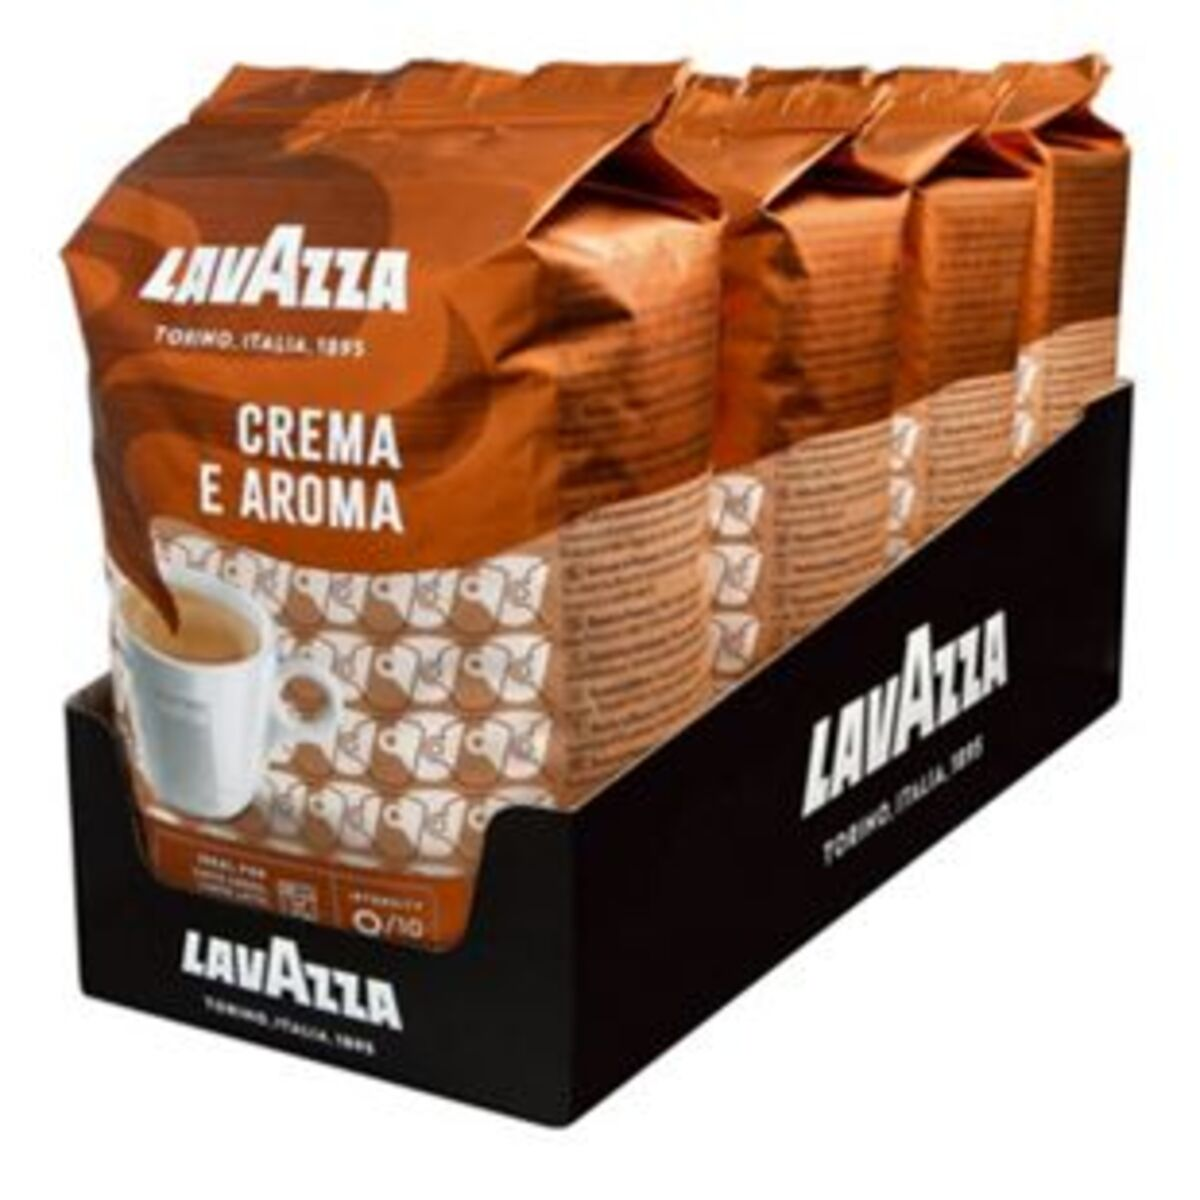 Bild 2 von Lavazza, ganze Kaffeebohnen Kaffee Crema a Aroma 1 kg, 4er Pack